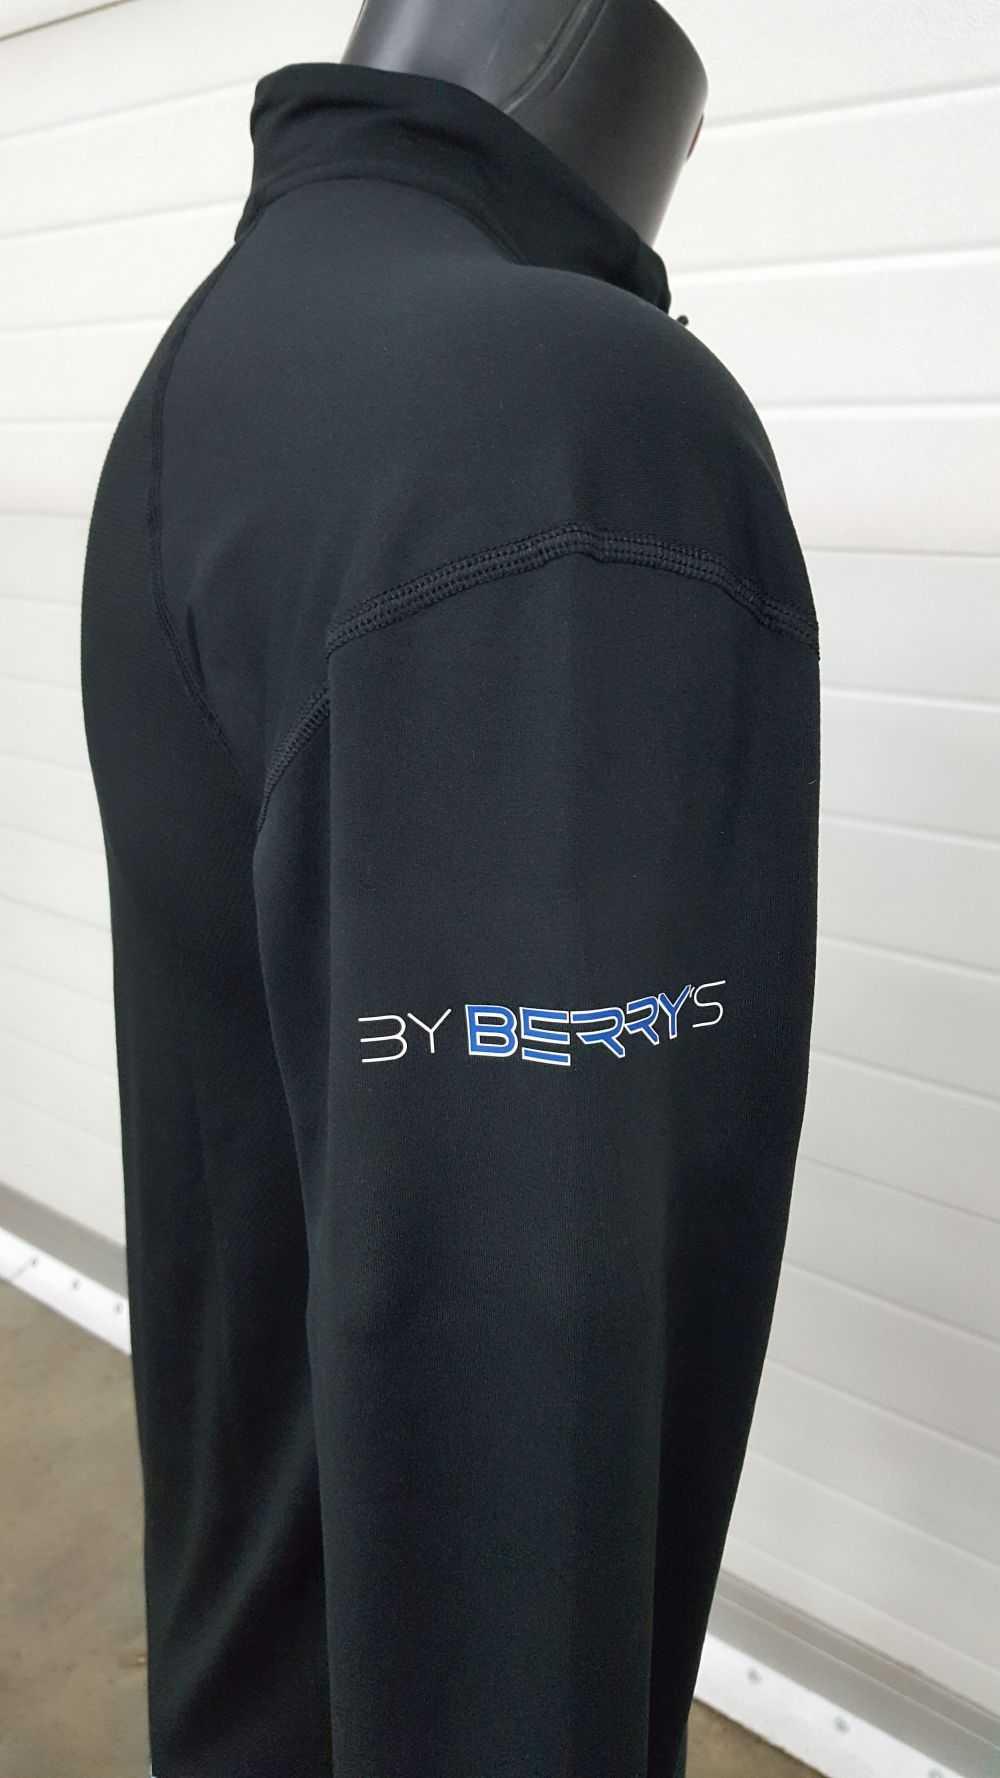 Textiel met logo van By Berry's